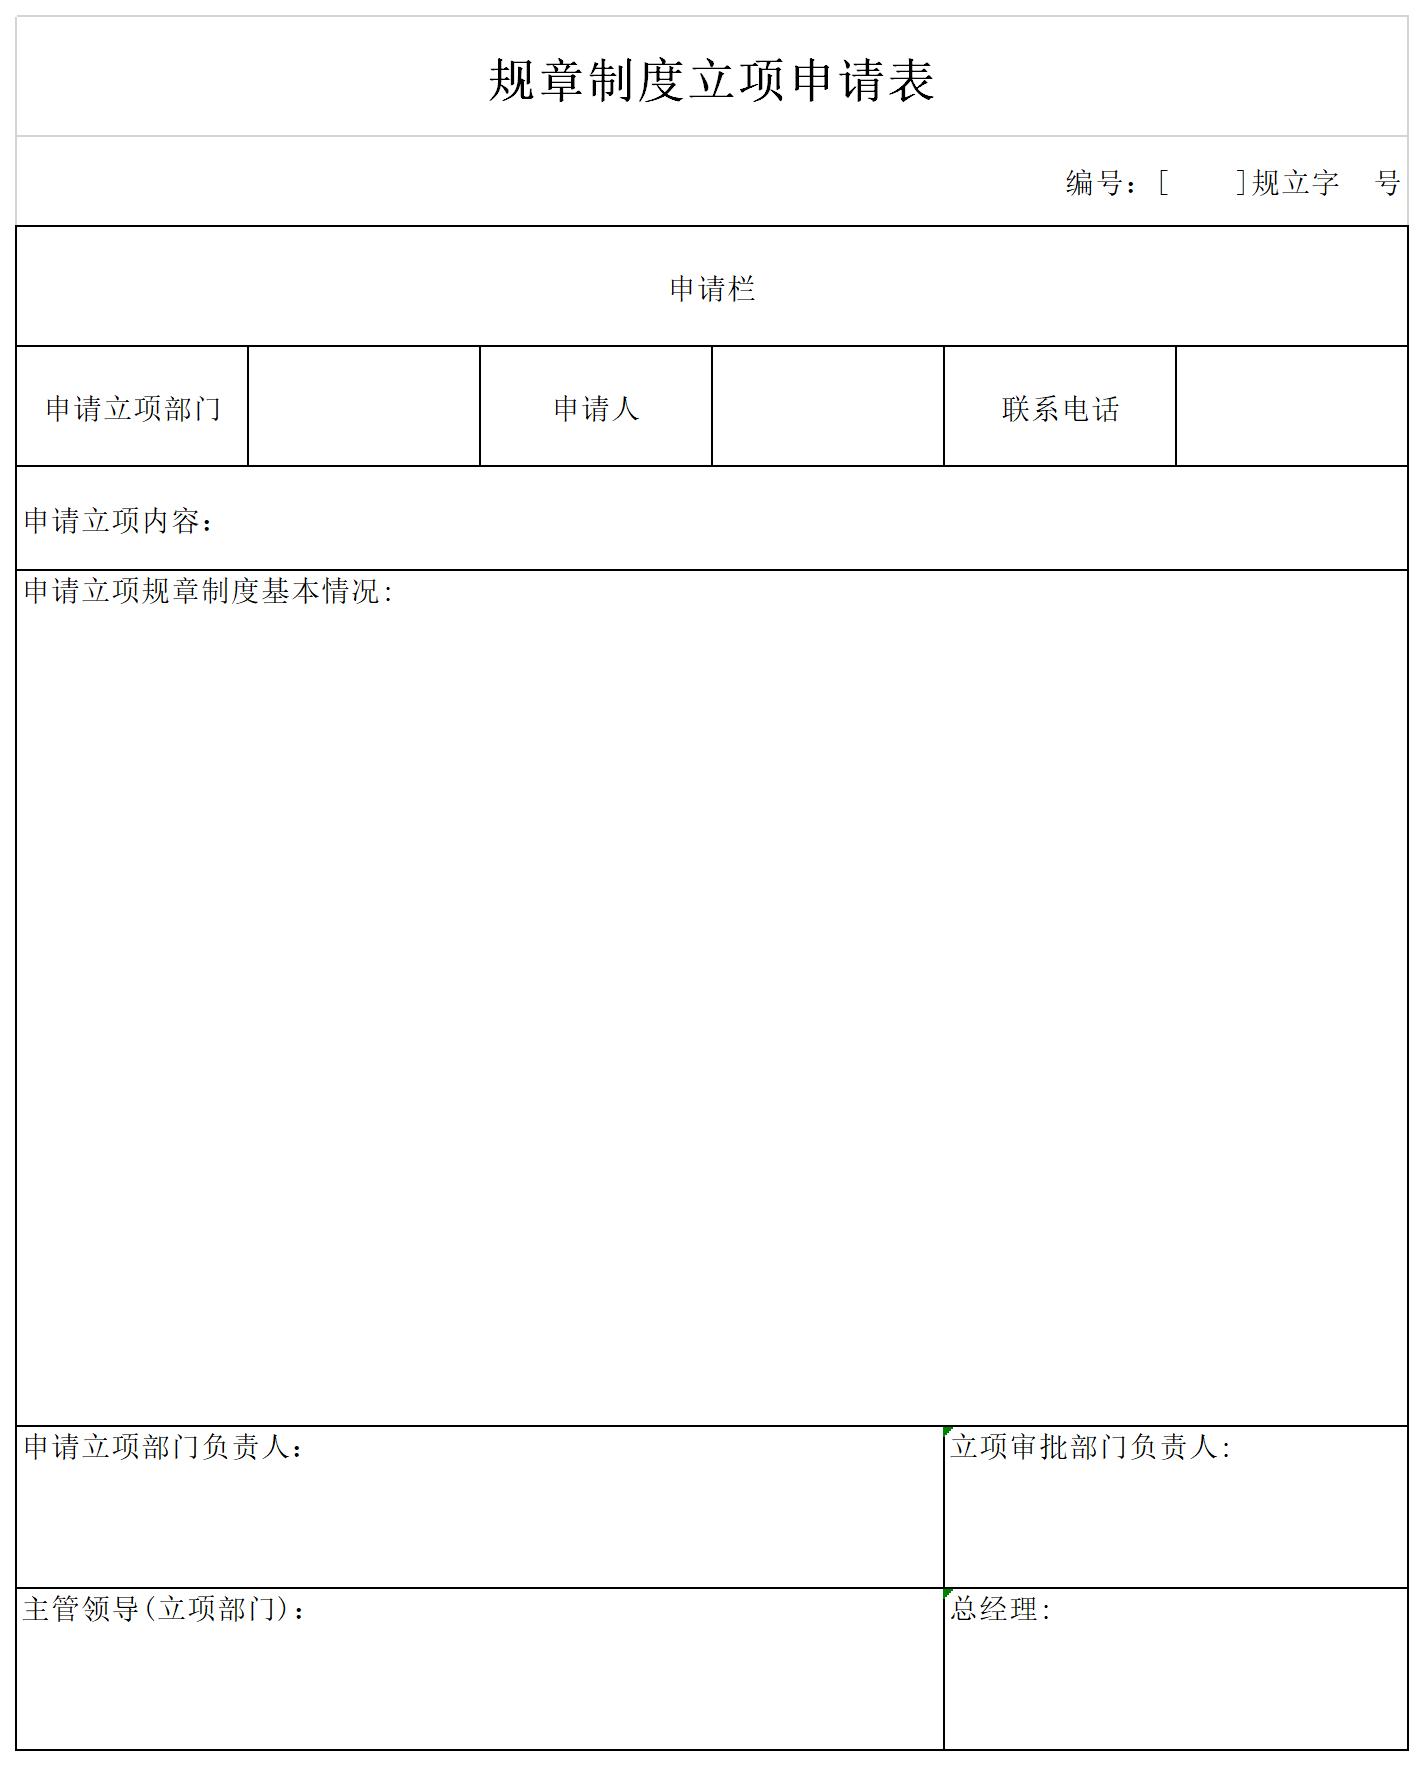 制度立项申请表截图